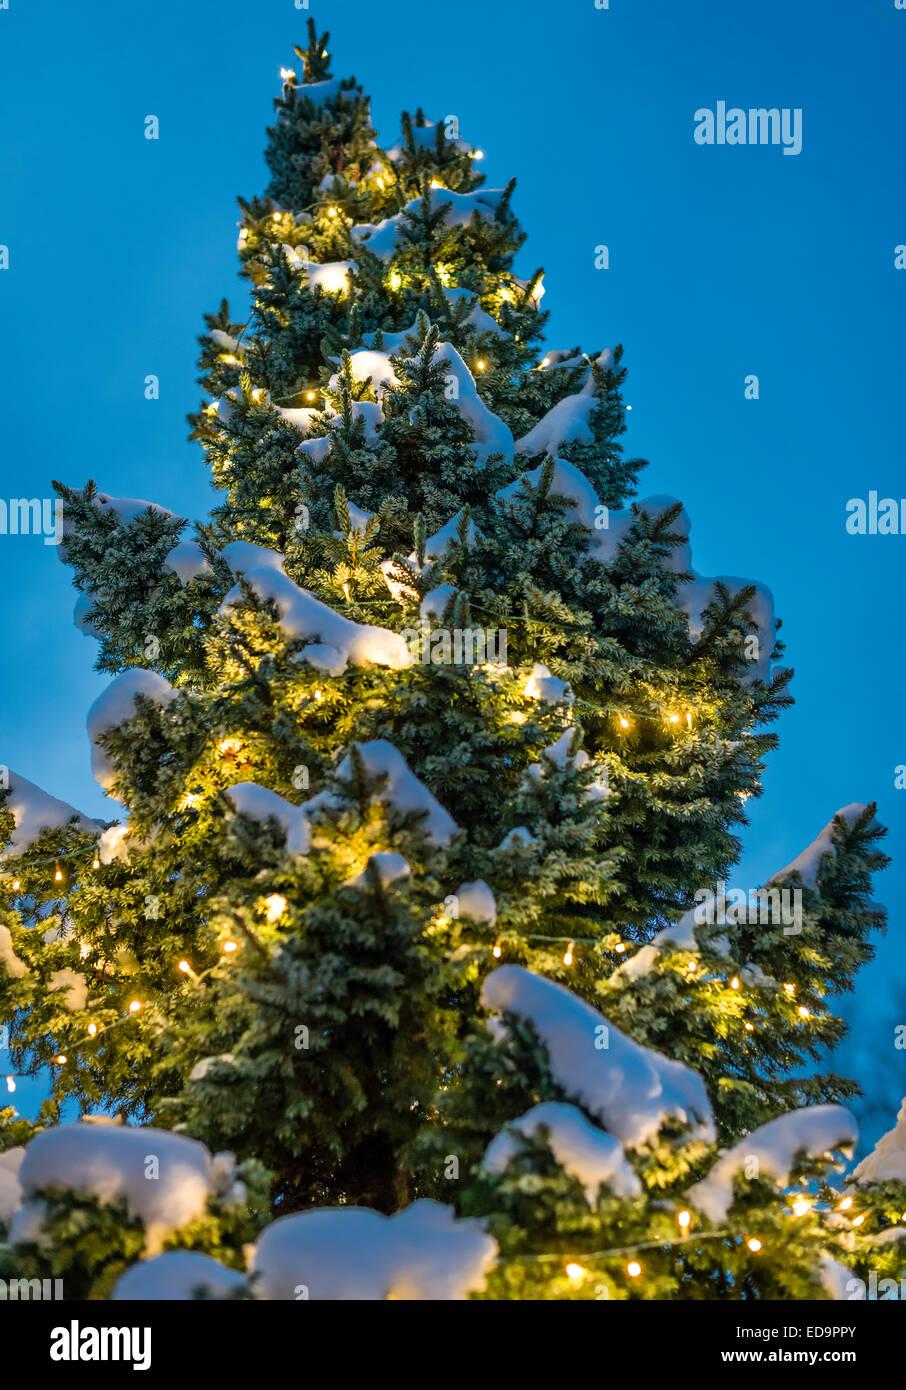 festlich geschm ckten weihnachtsbaum tanne drau en im. Black Bedroom Furniture Sets. Home Design Ideas